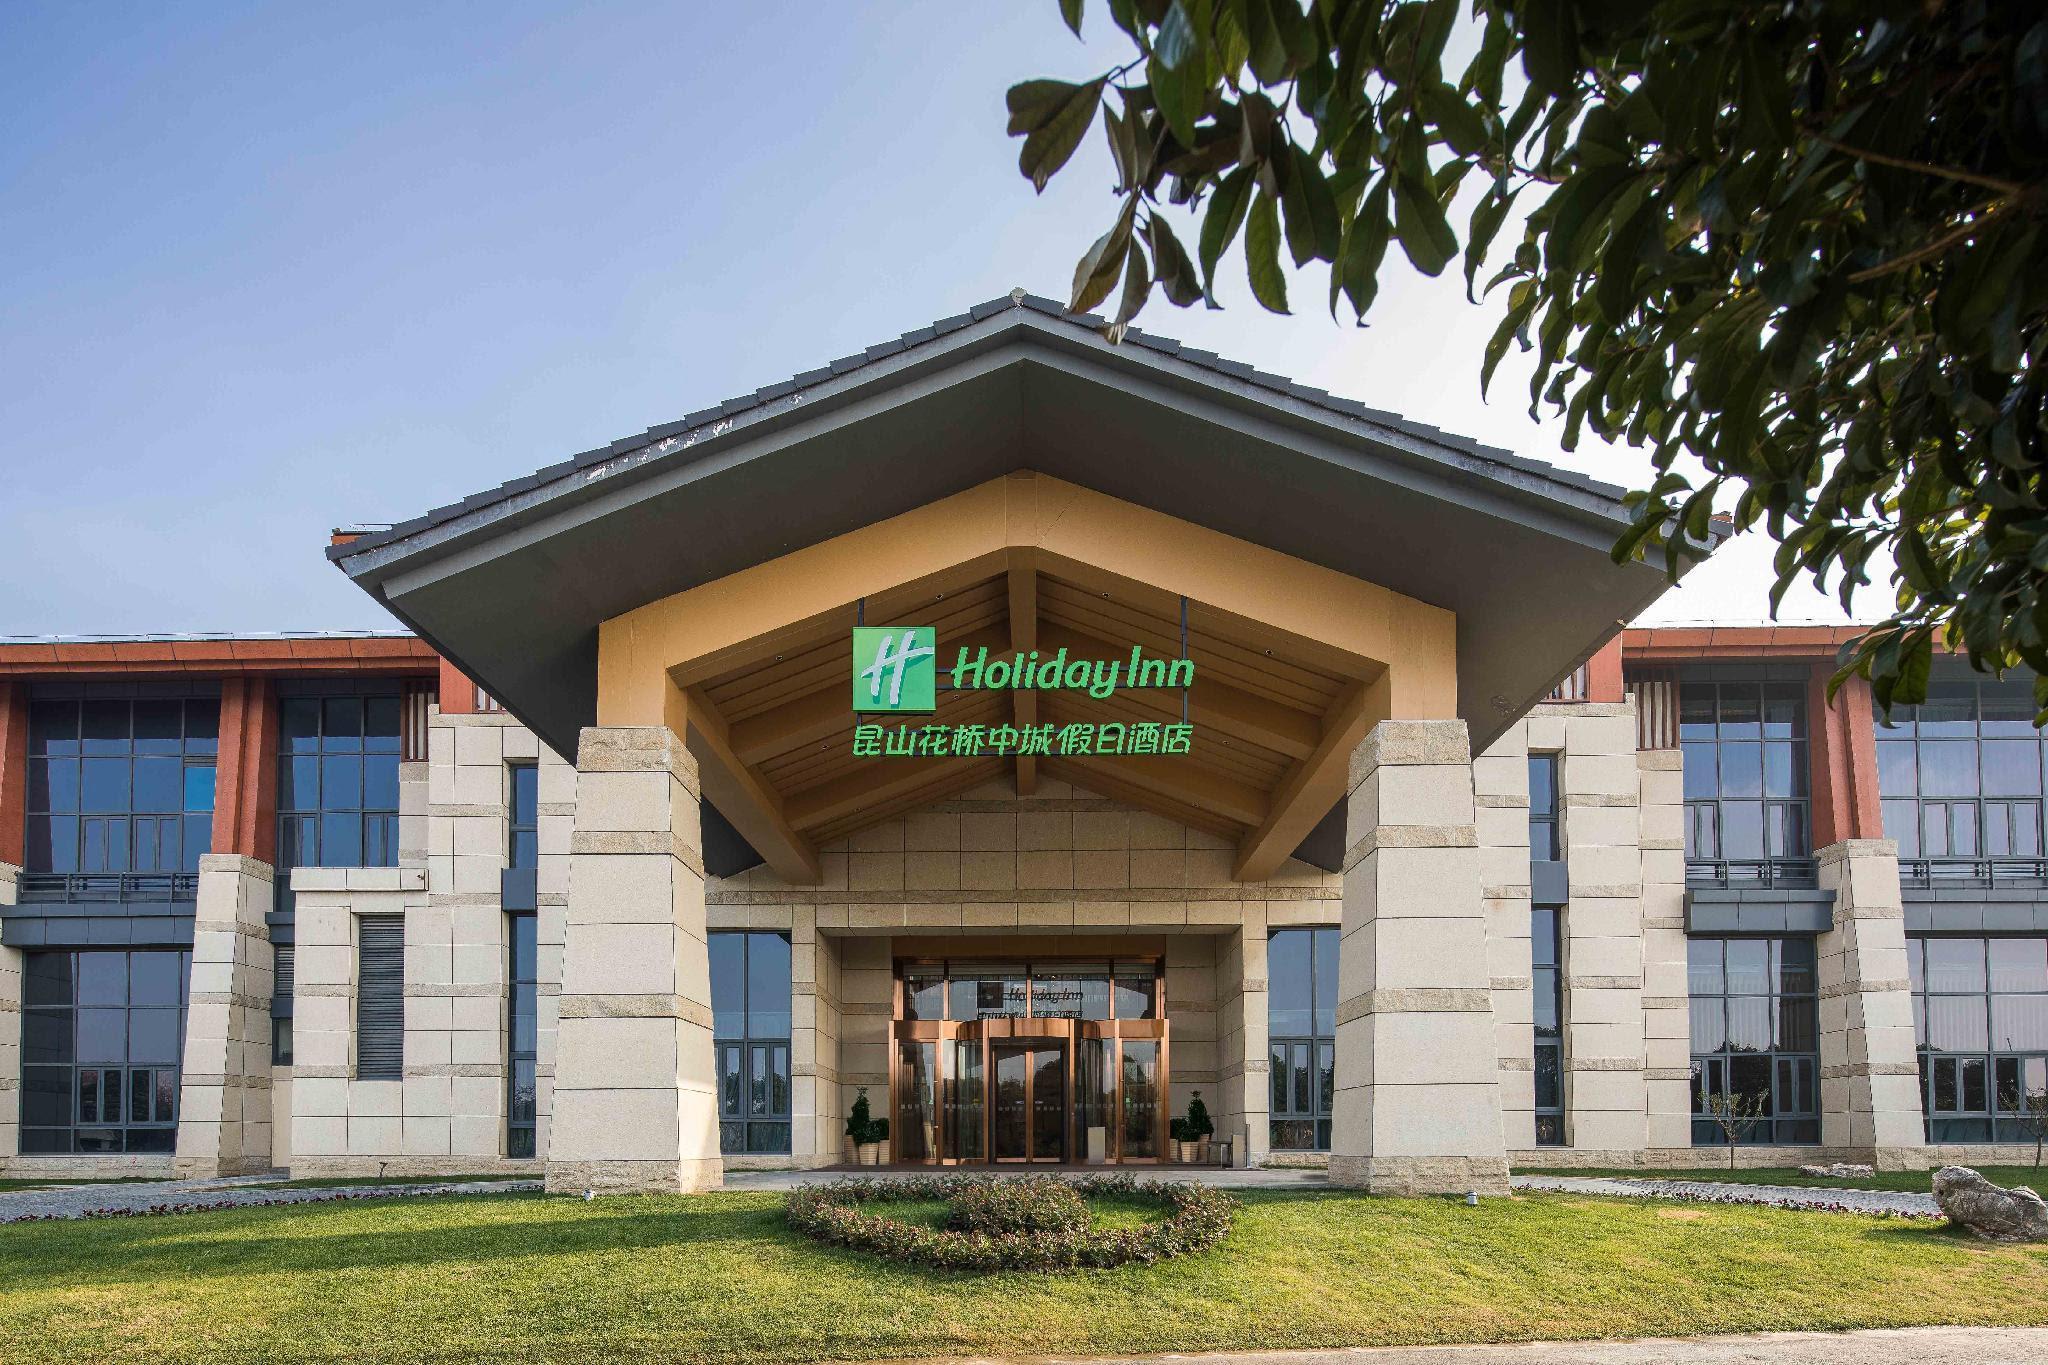 Review Holiday Inn Kunshan Huaqiao